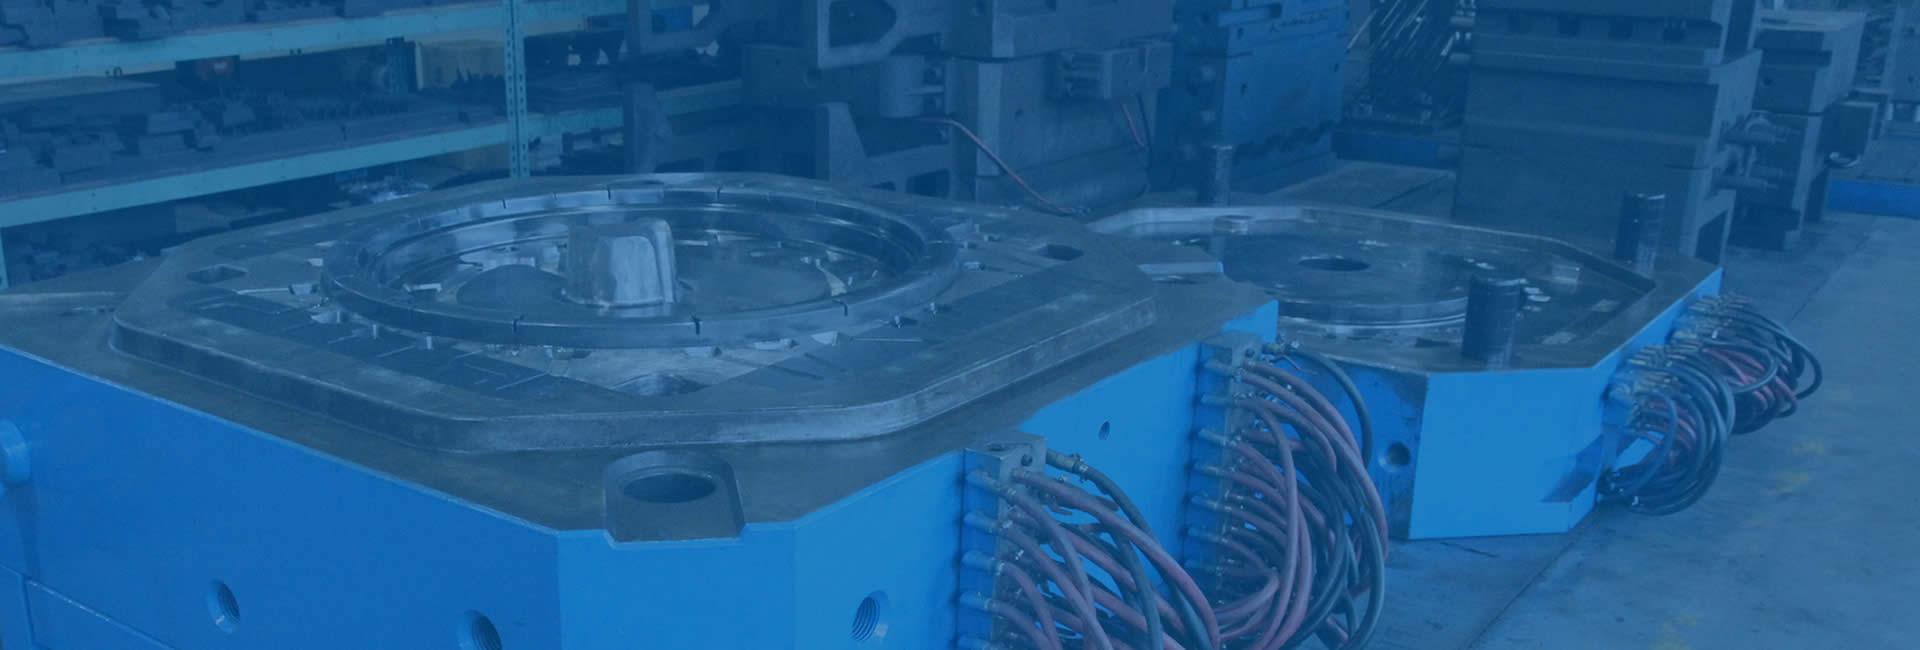 壓鑄件-壓鑄模具